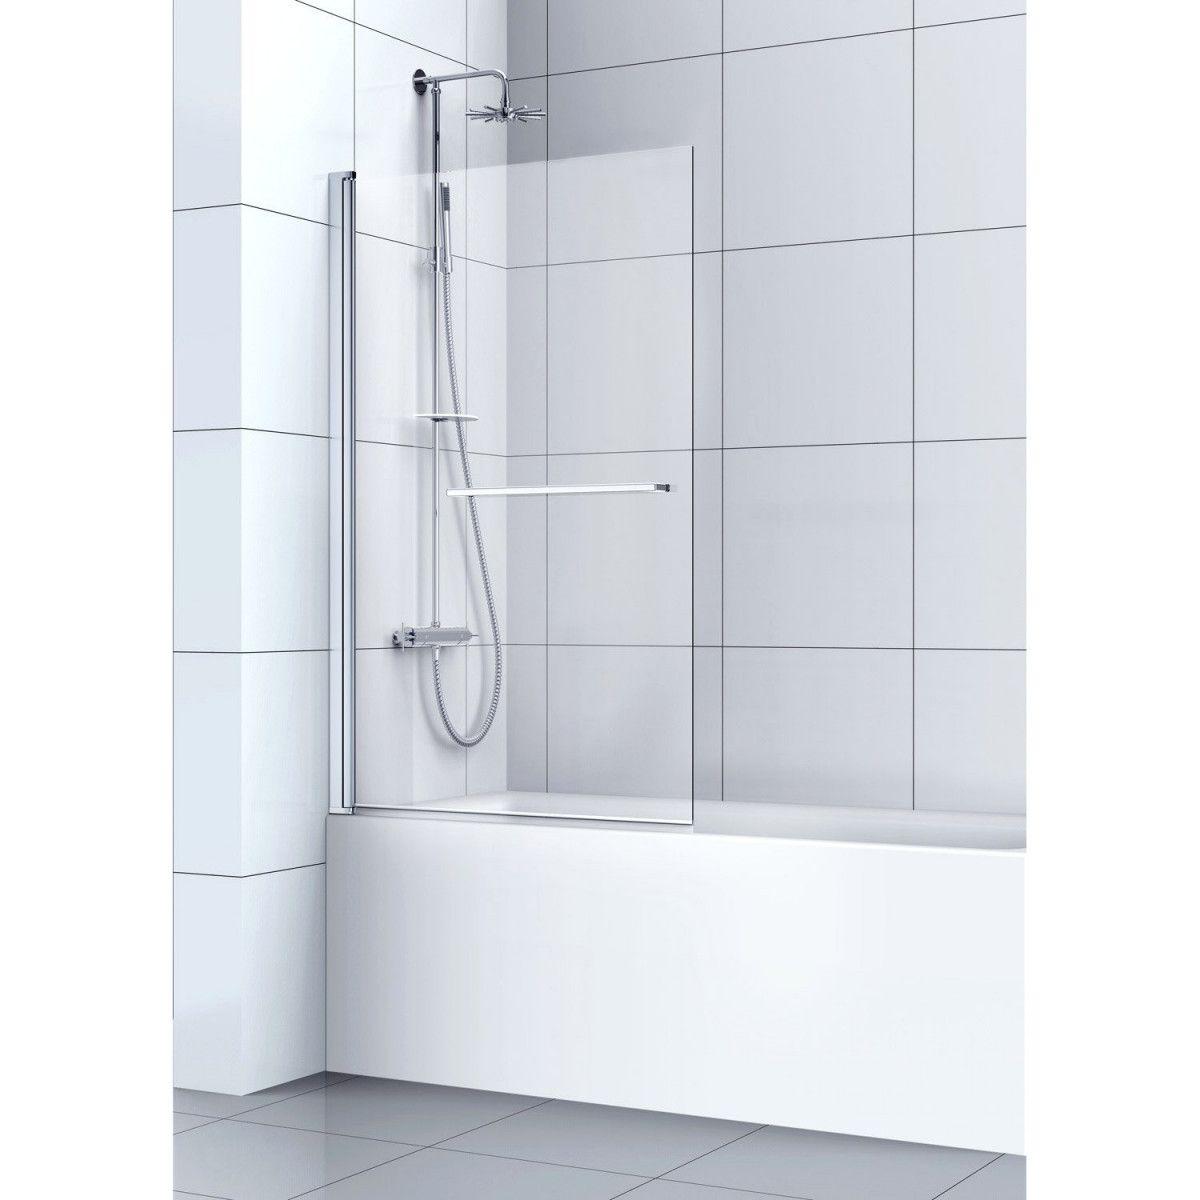 Brico Depot Pare Baignoire Pour L Inspiration De Decor Serieux Bathtub Corner Bath Home Remodeling